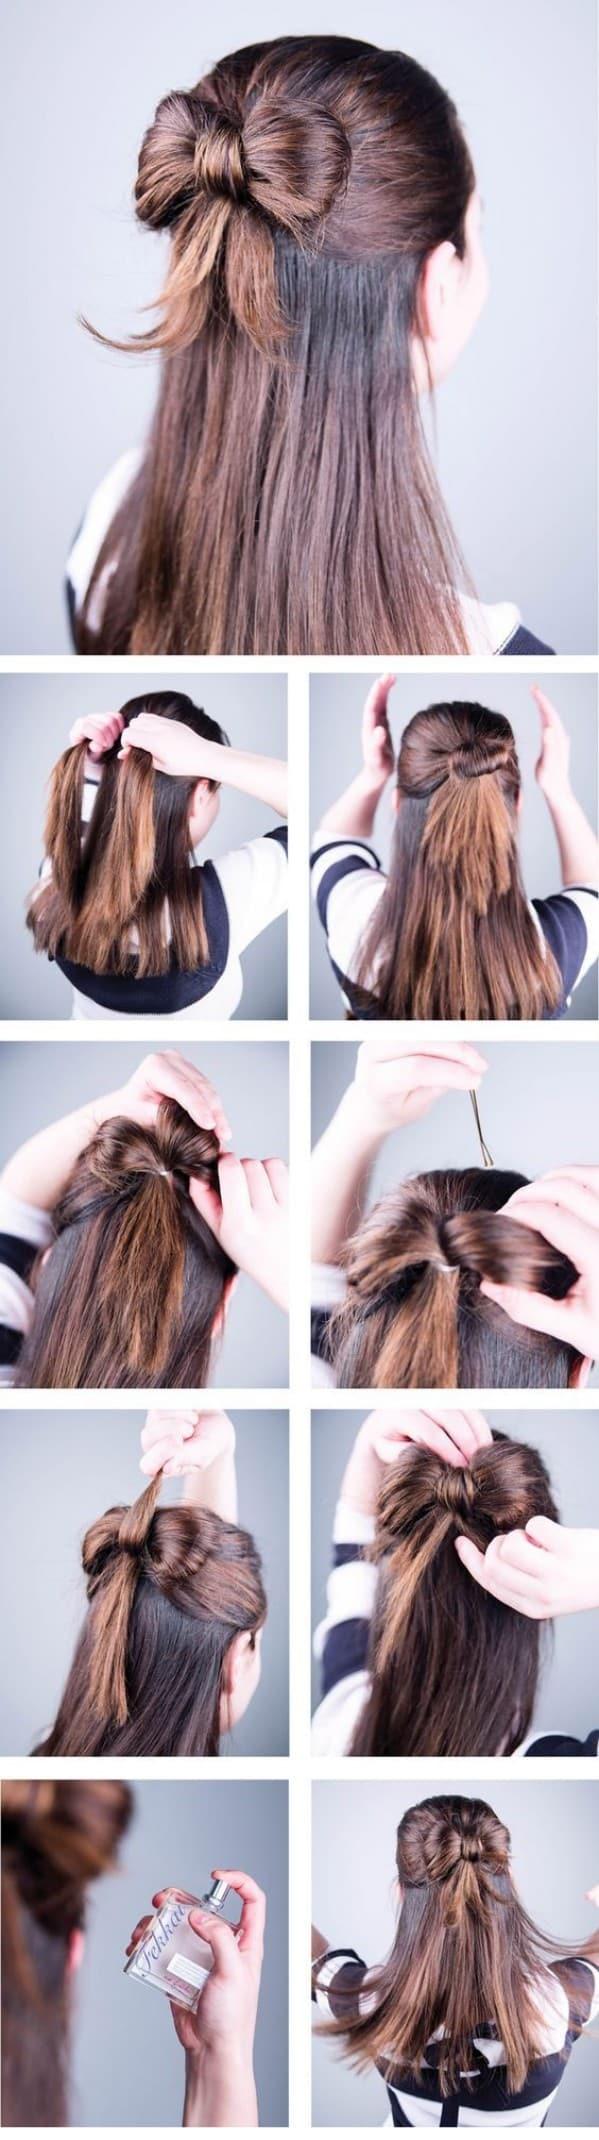 32 Peinados Faciles Y Rapidos Paso A Paso Modelos 2018 - Recogidos-sencillos-paso-a-paso